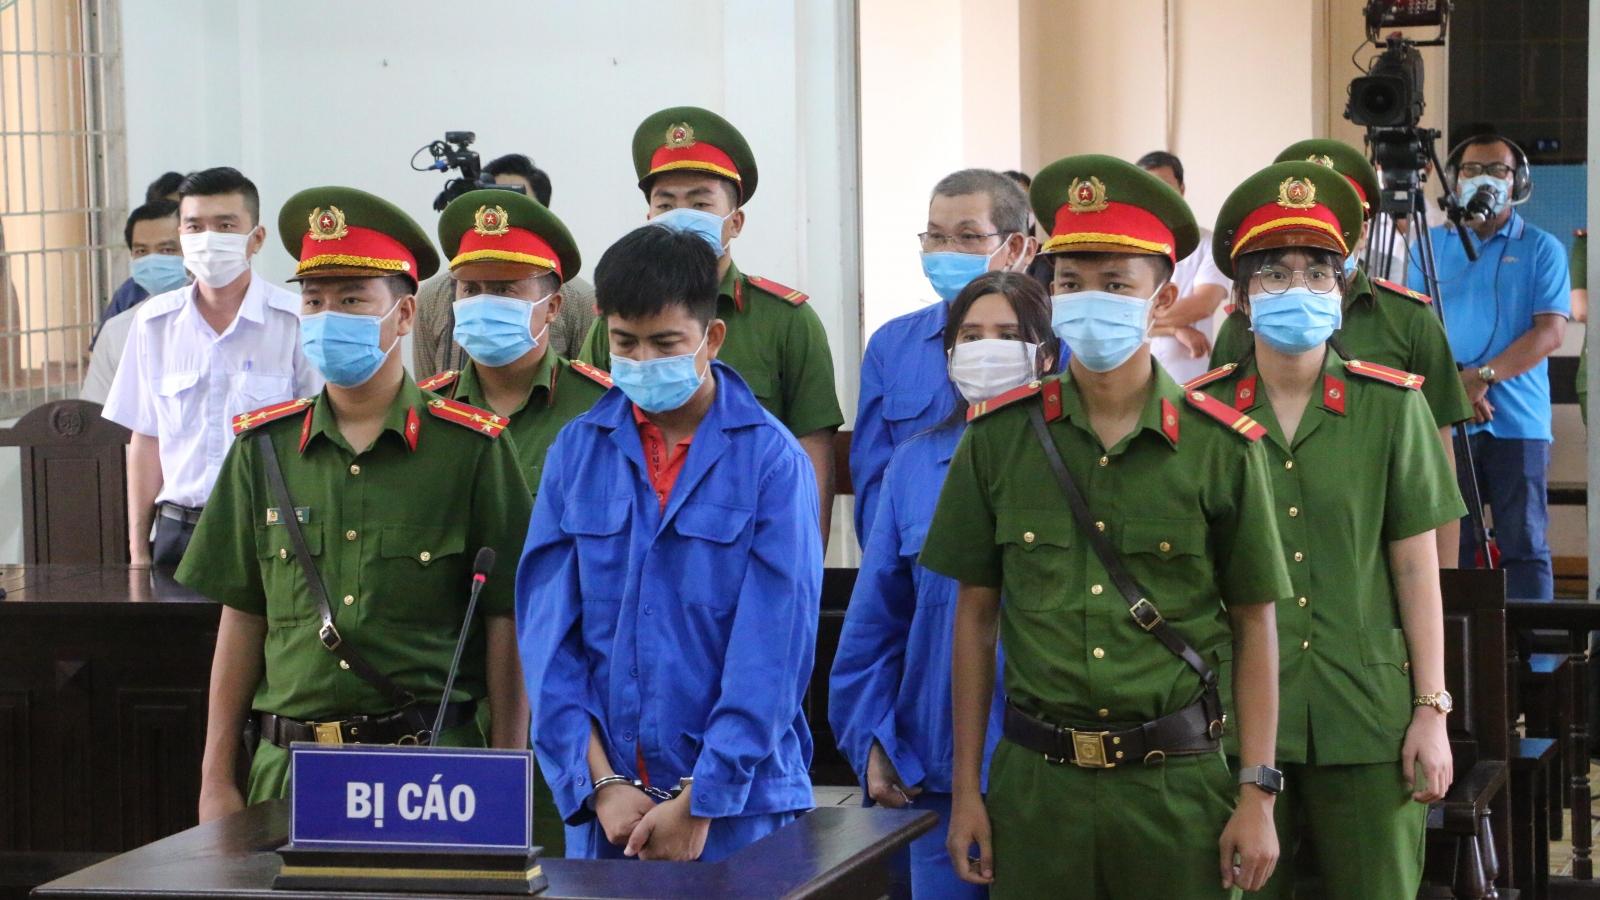 28 năm tù cho nhóm đối tượng tổ chức xuất cảnh trái phép